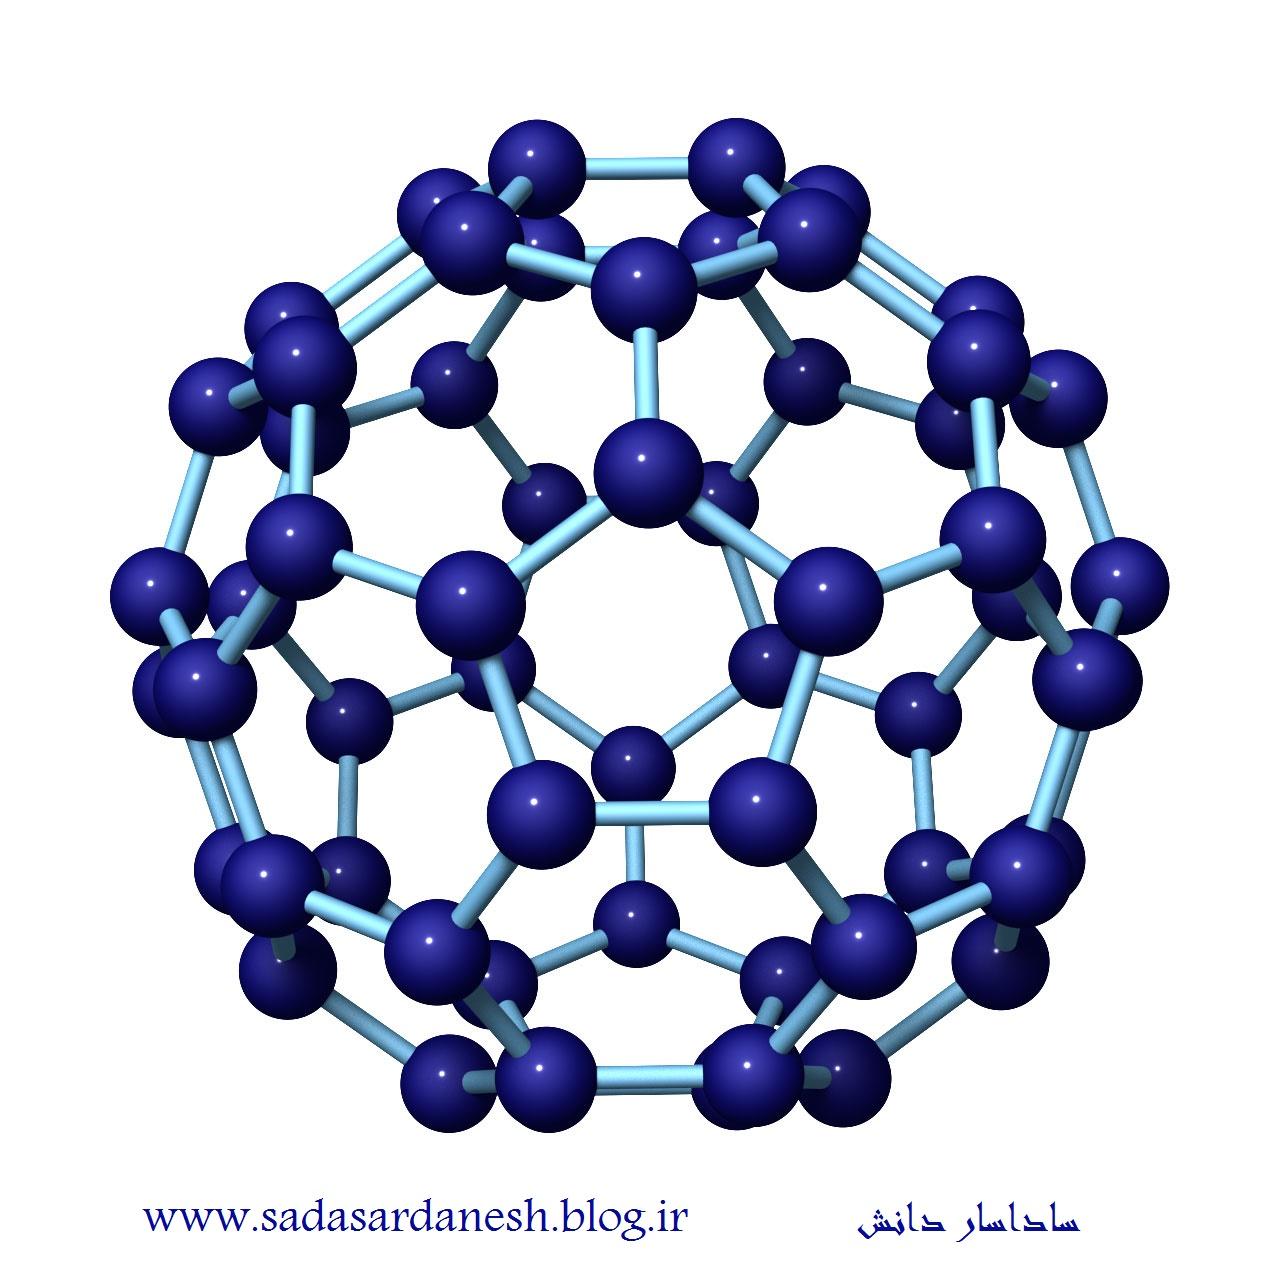 نماد شیمیایی عناصر